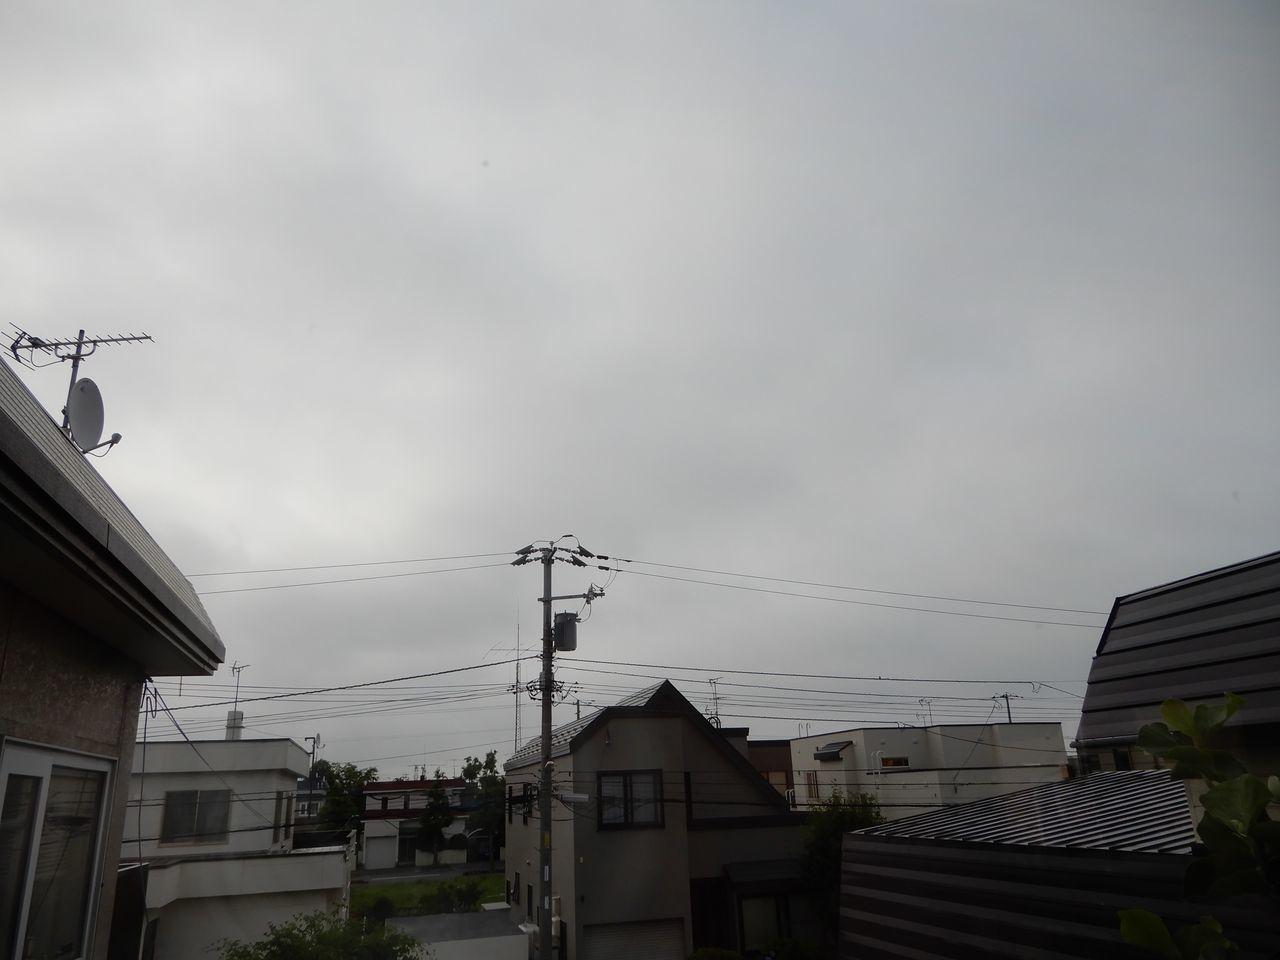 記録上は真夏日が戻ってきましたが涼しく感じる一日でした_c0025115_21523645.jpg